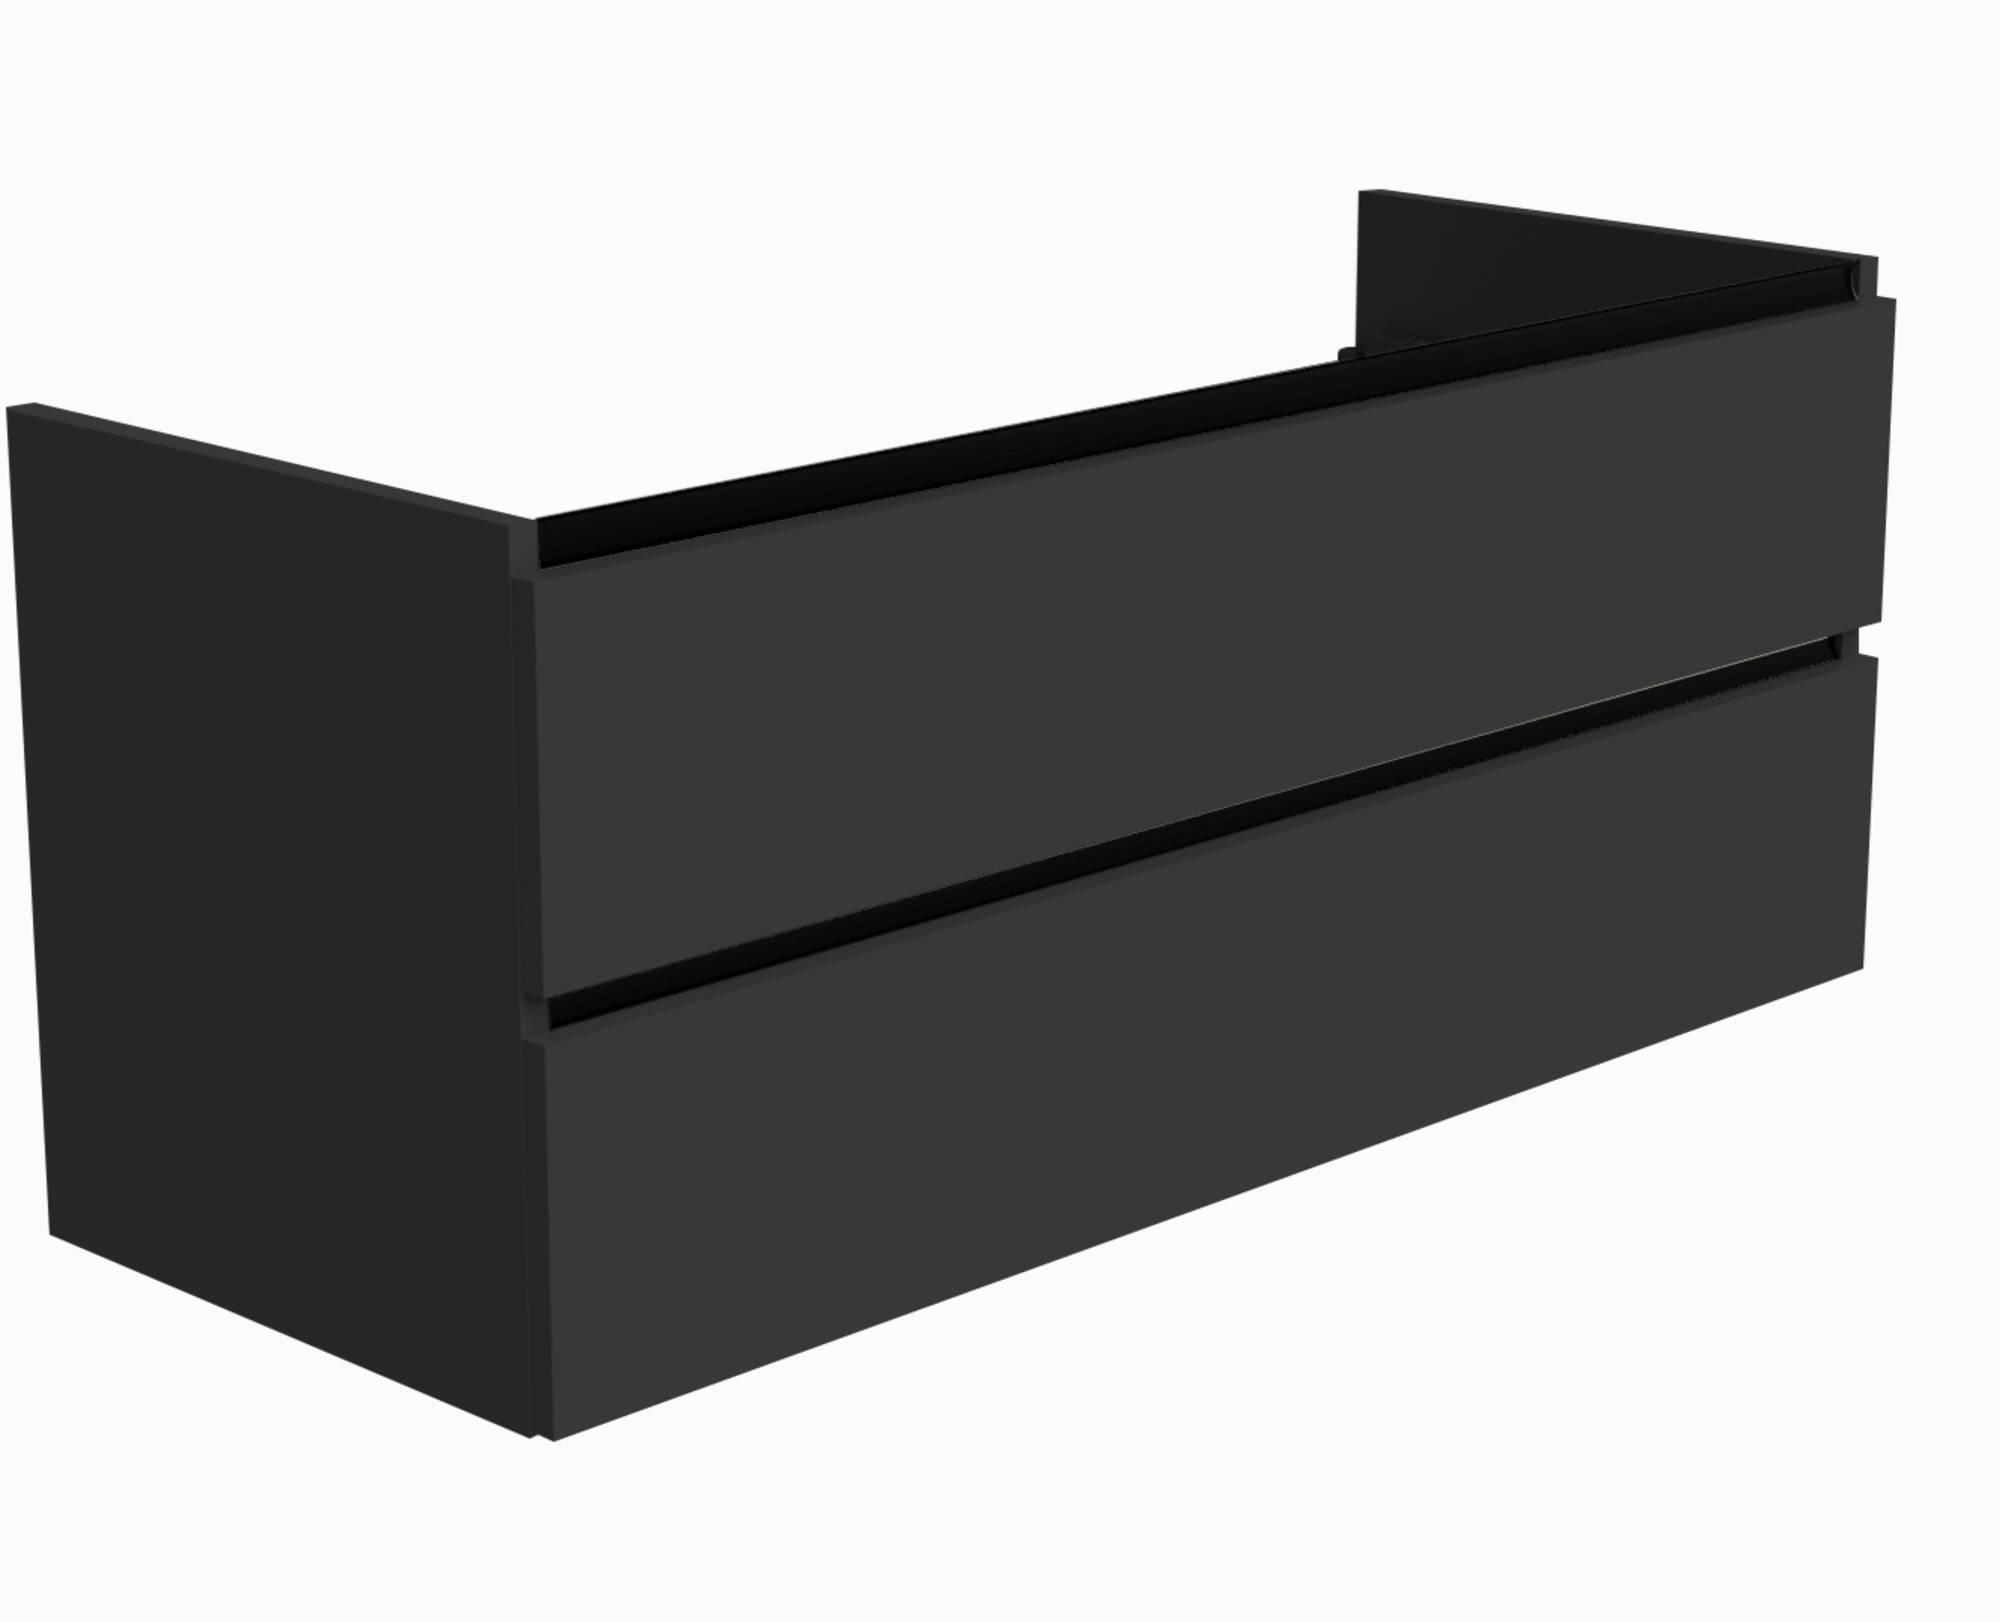 Ben Limara Wastafelonderkast 2 laden, 120x44,5x50 cm, Mat Zwart/Mat Zwart